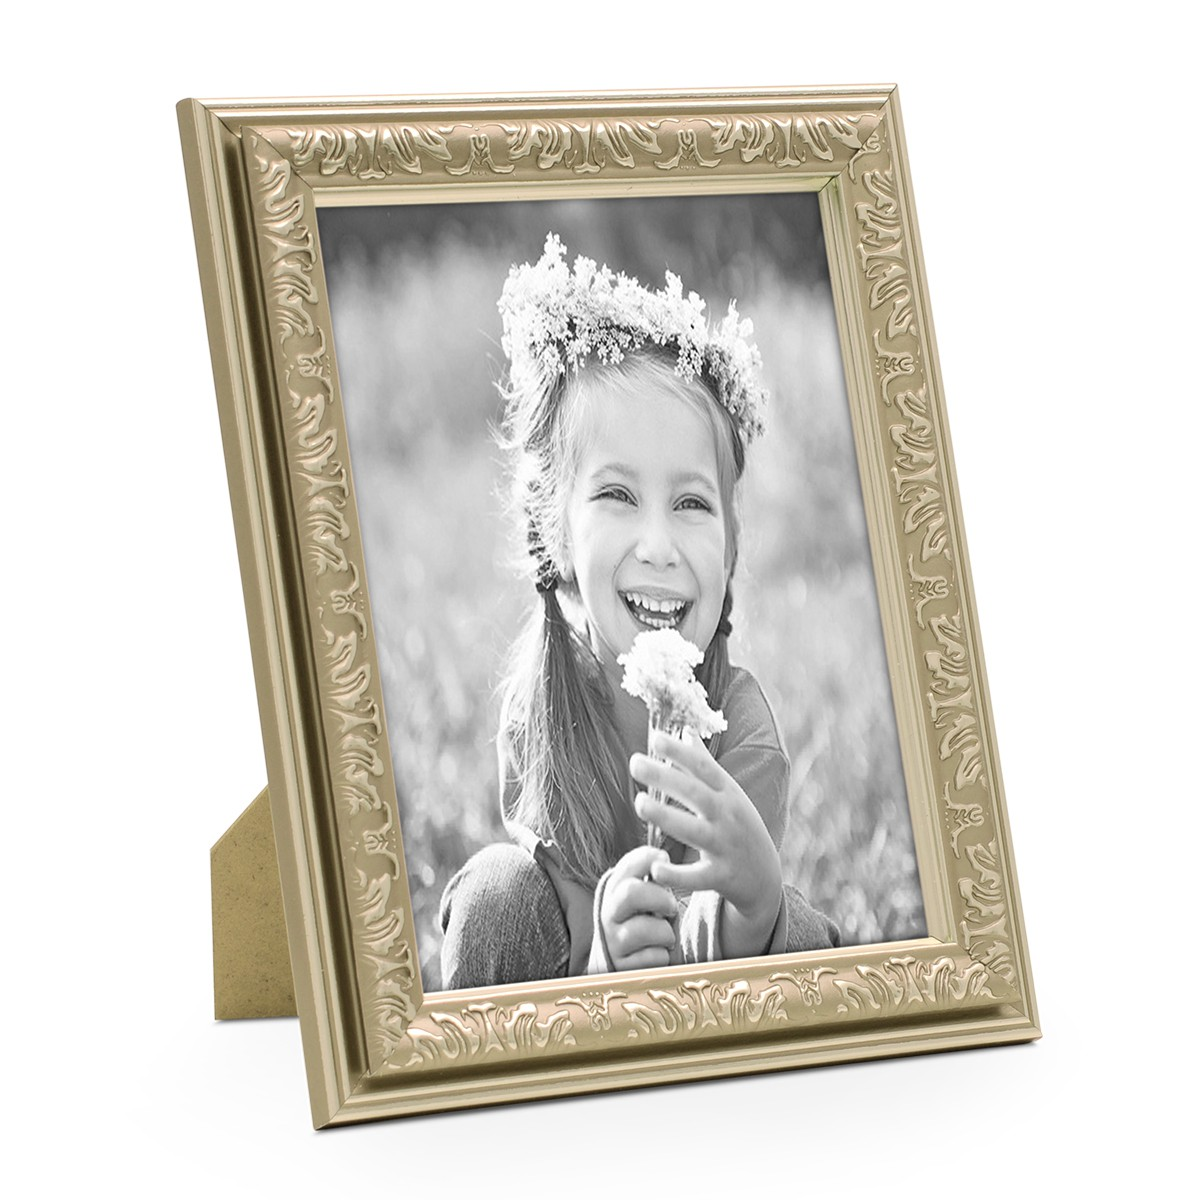 Bilderrahmen Antik Silber Nostalgie 10x15 cm Fotorahmen mit ...